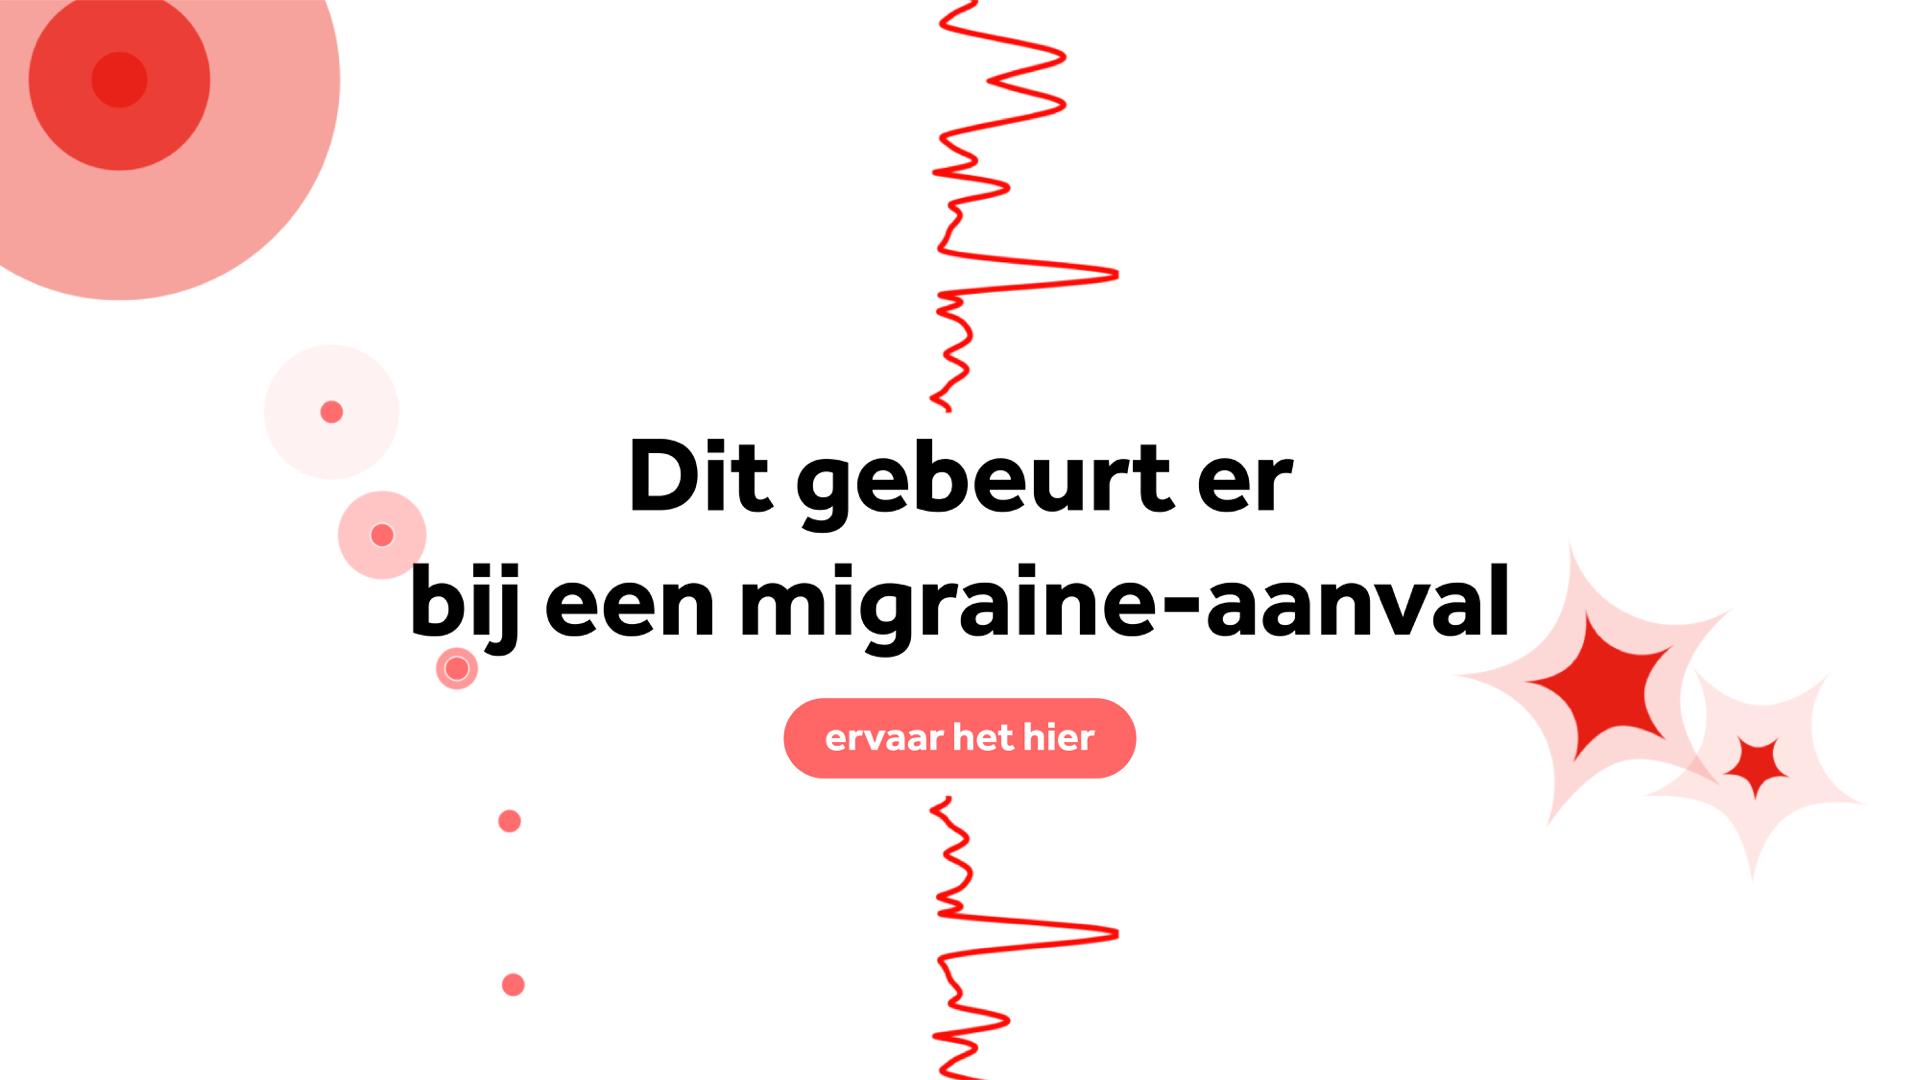 Zo voelt het om een migraine-aanval te krijgen